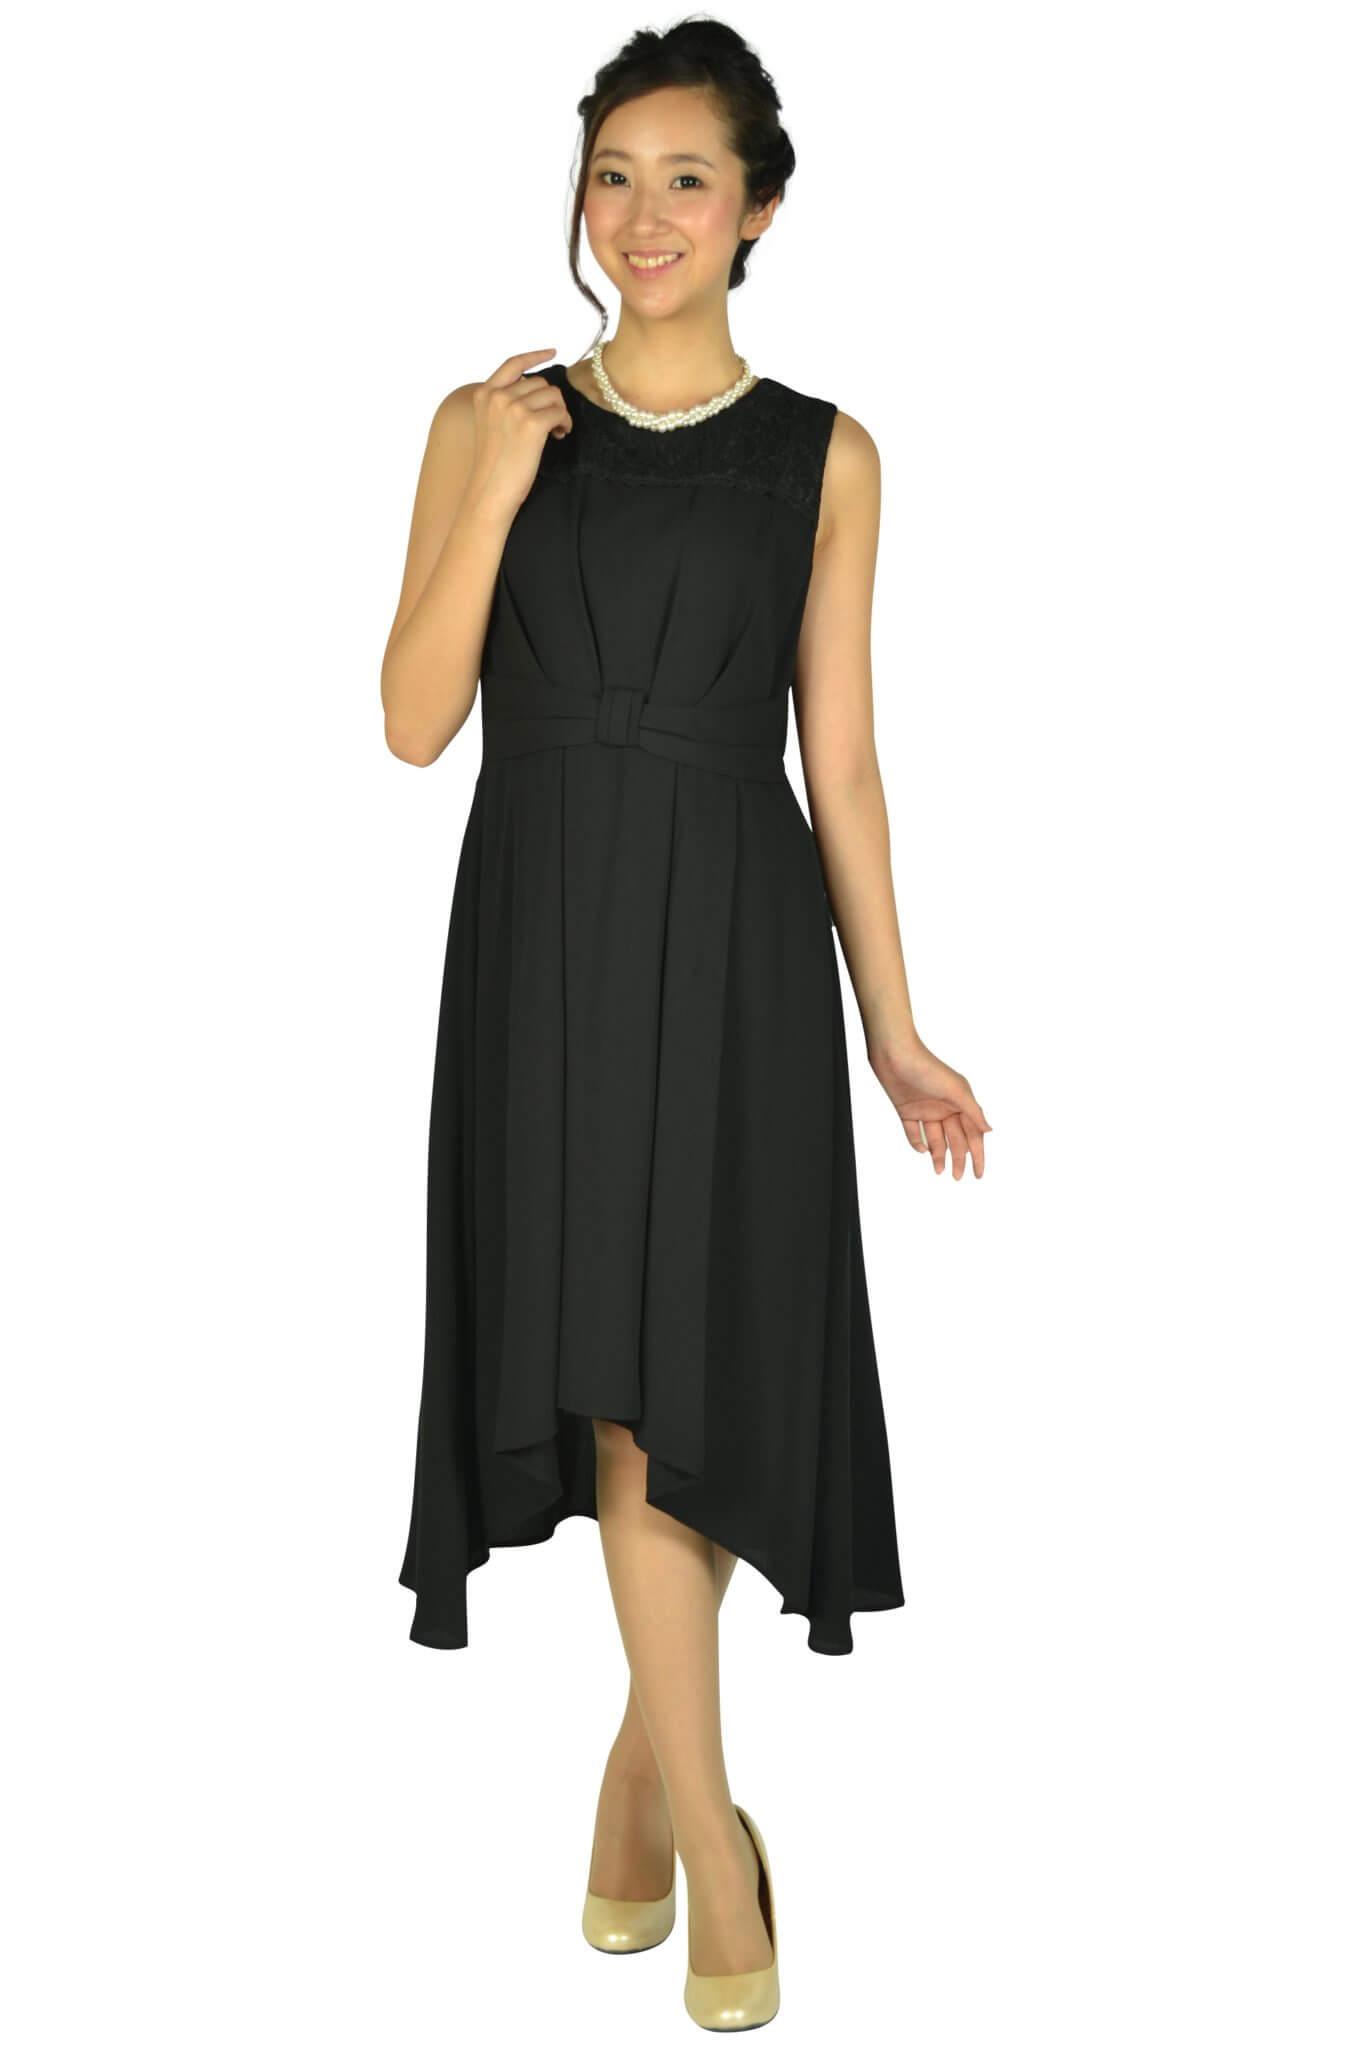 エルモソ (Hermoso)イレギュラーヘムブラックドレス